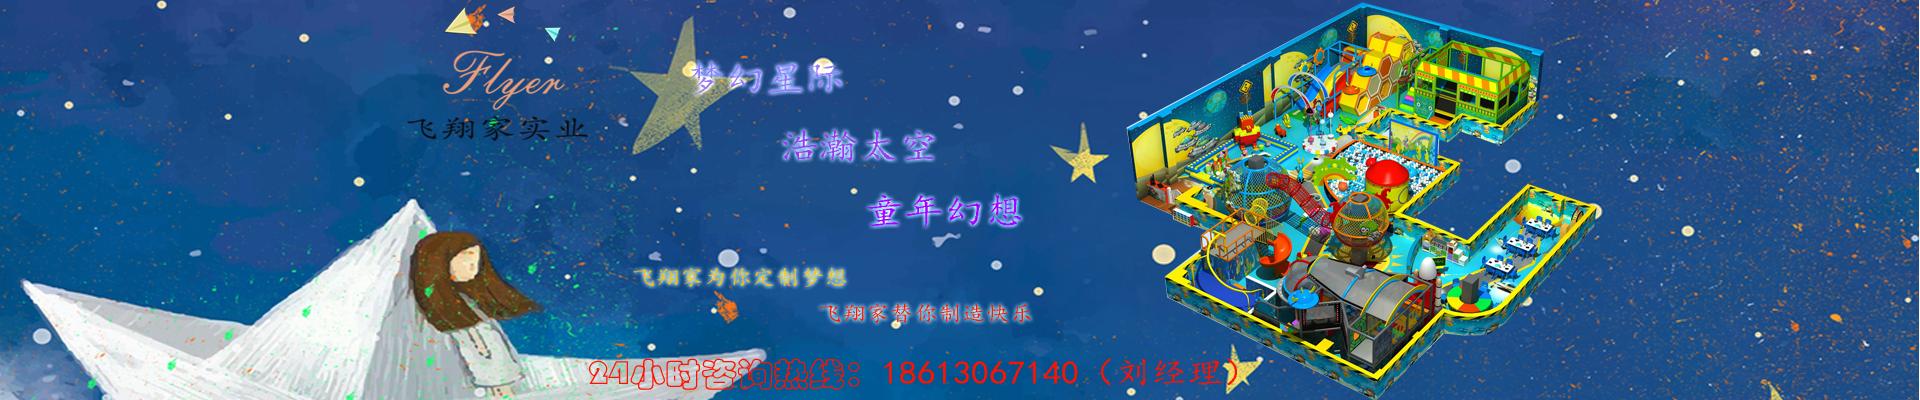 广州飞翔家实业有限公司